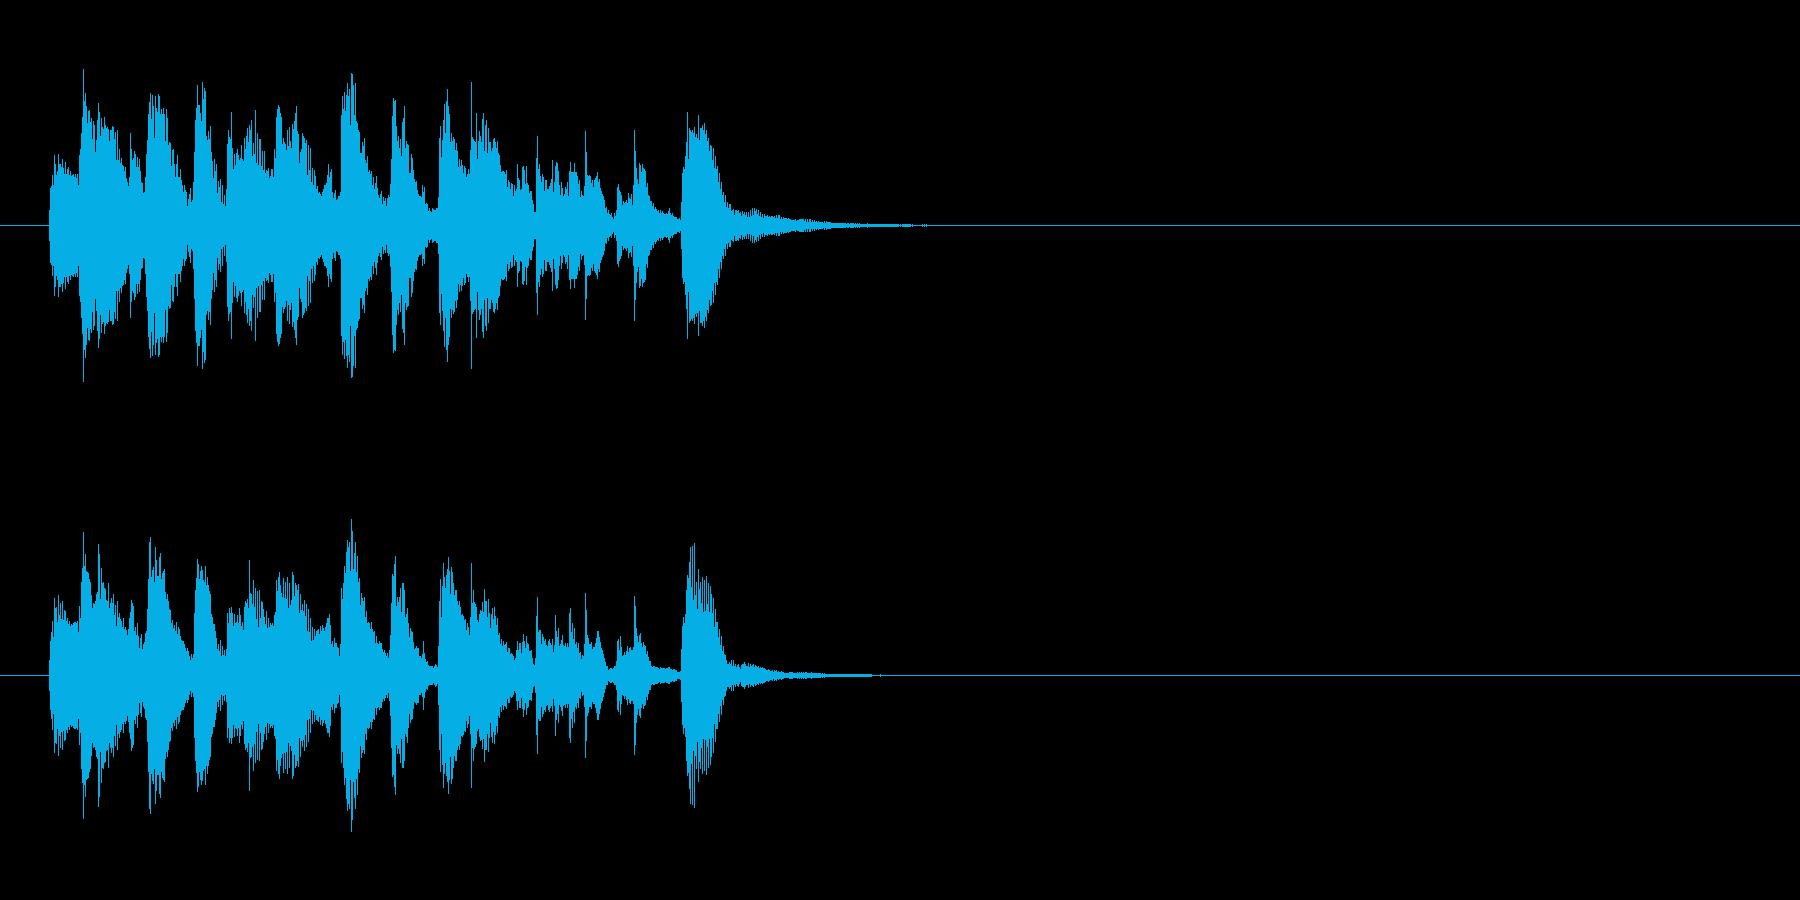 ジングル/コミカル(古き良き喜劇映画風)の再生済みの波形